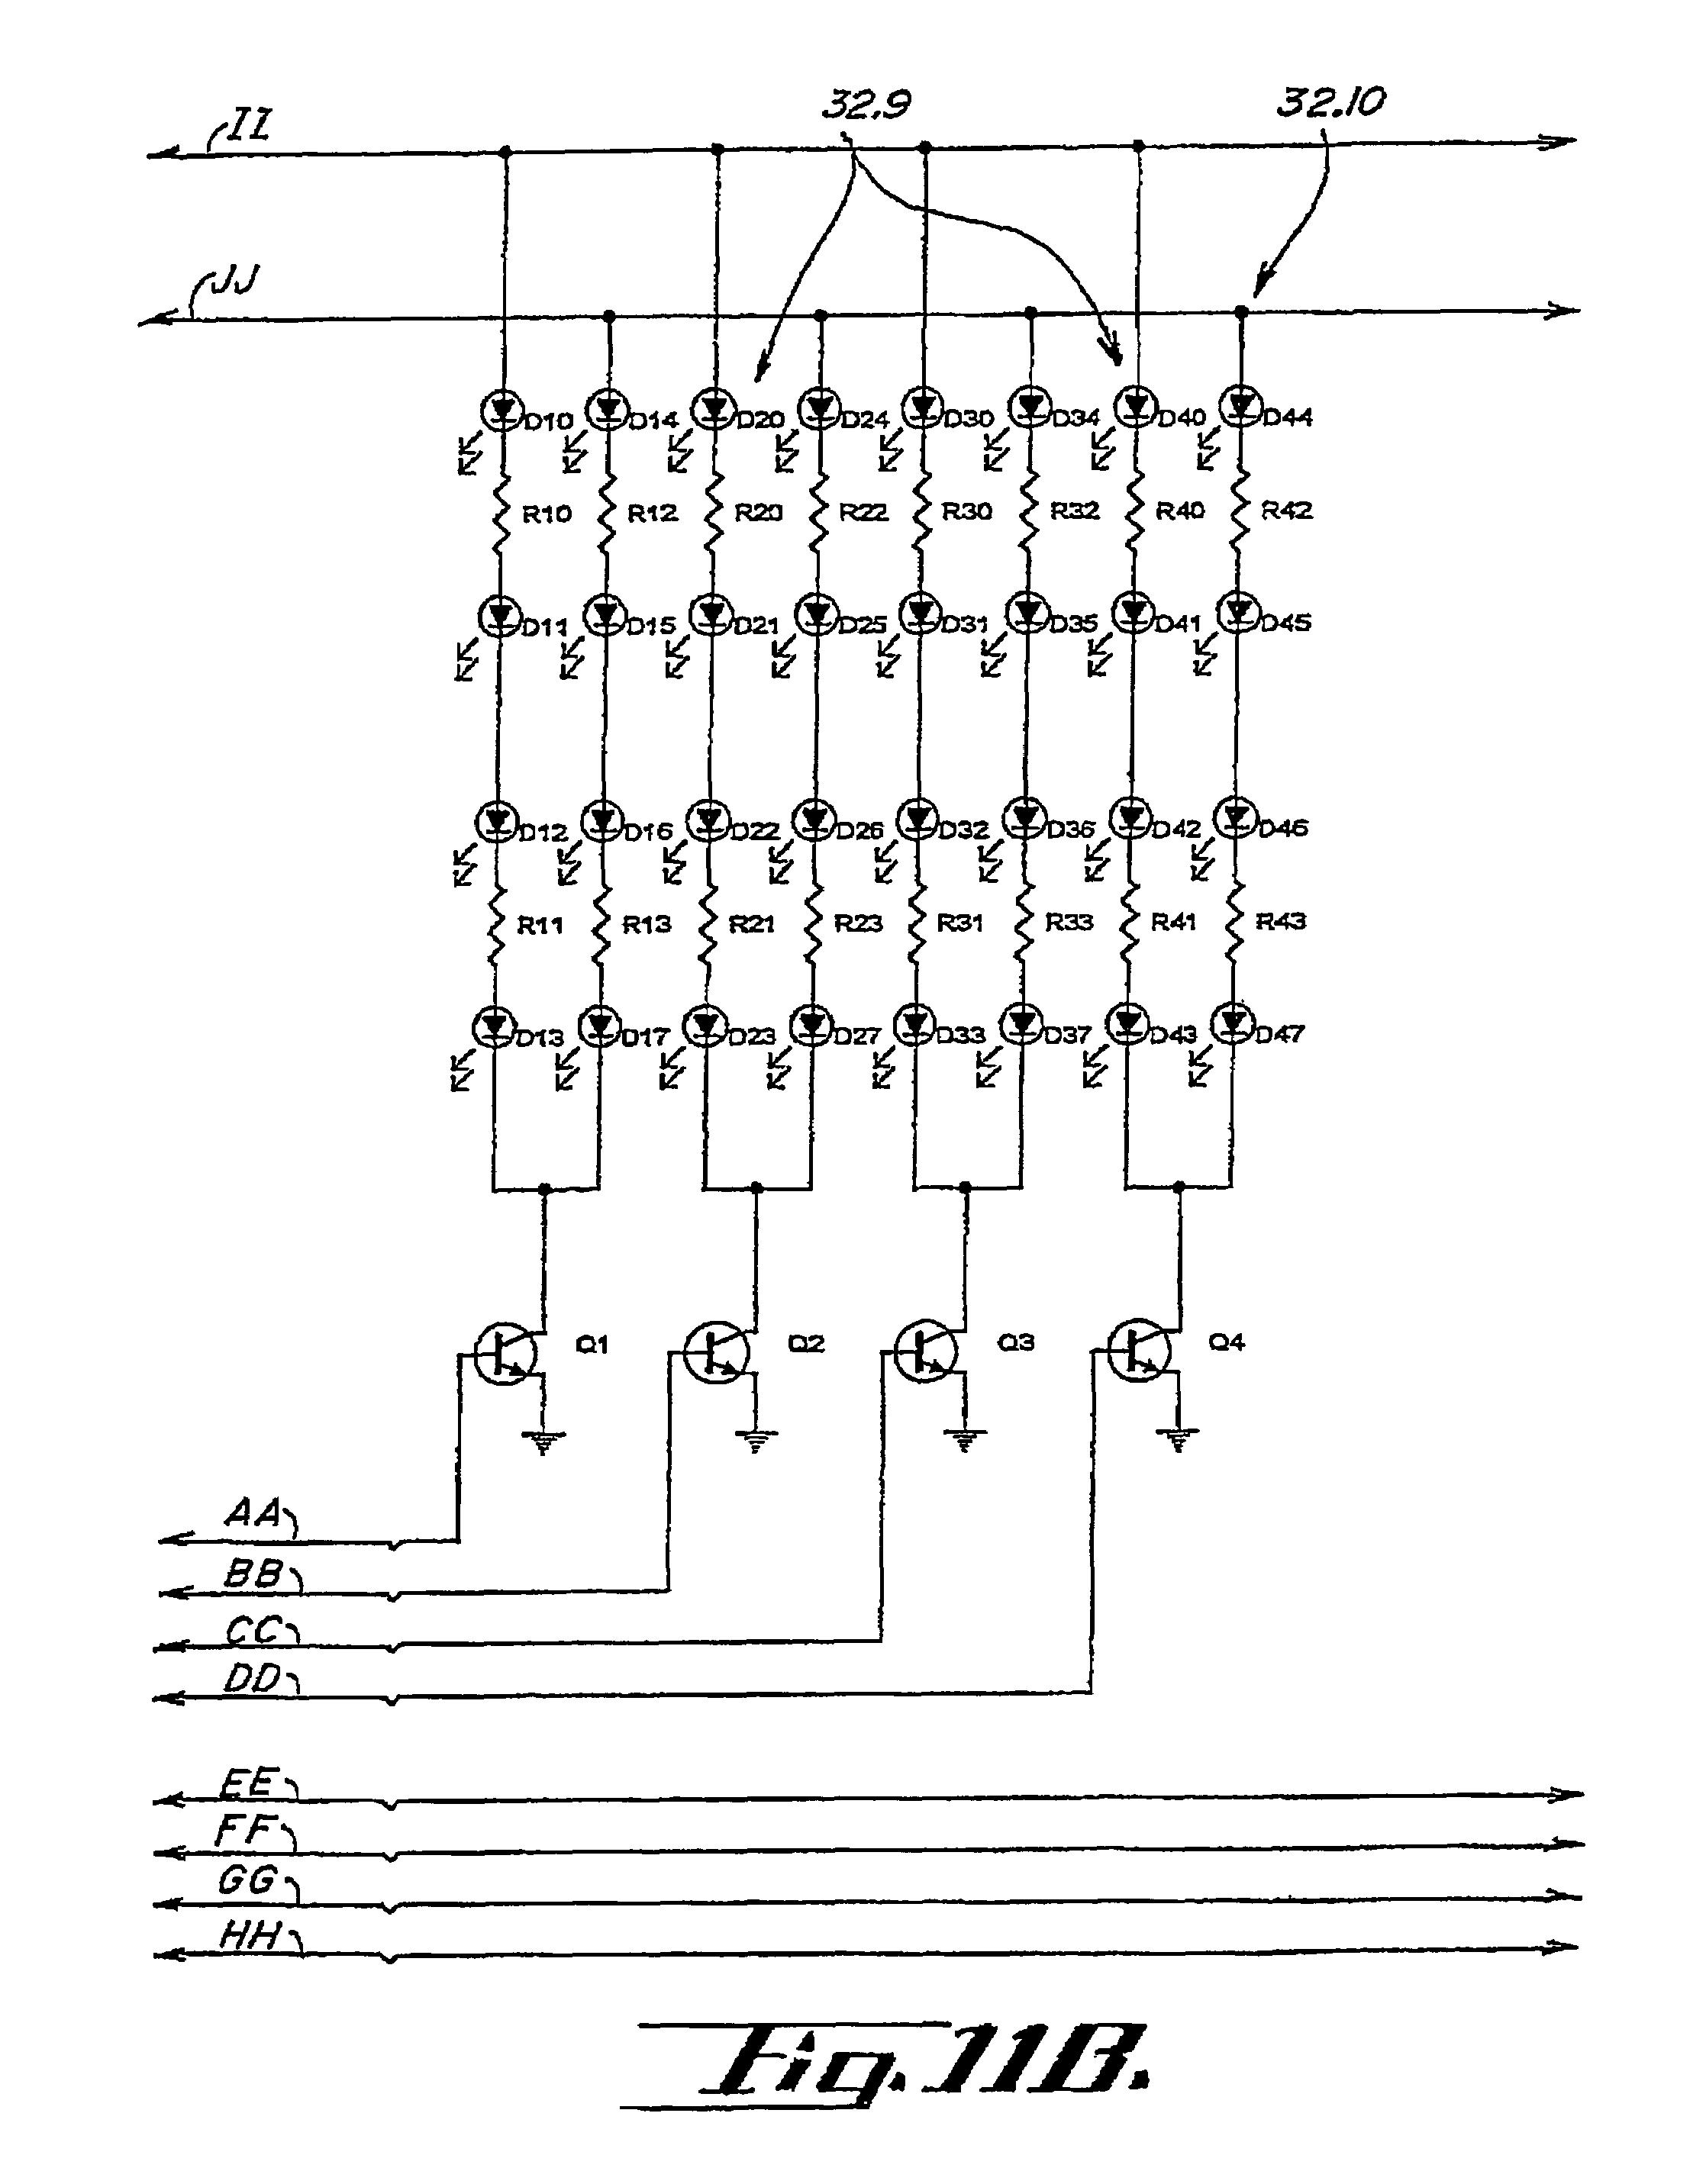 MH_8421] Whelen Light Bar Wiring Diagram On 2013 F 150 Strobe Light Wiring  Free Diagram | Whelen Emergency Lights Wiring Diagram |  | Inrebe Hyedi Mohammedshrine Librar Wiring 101